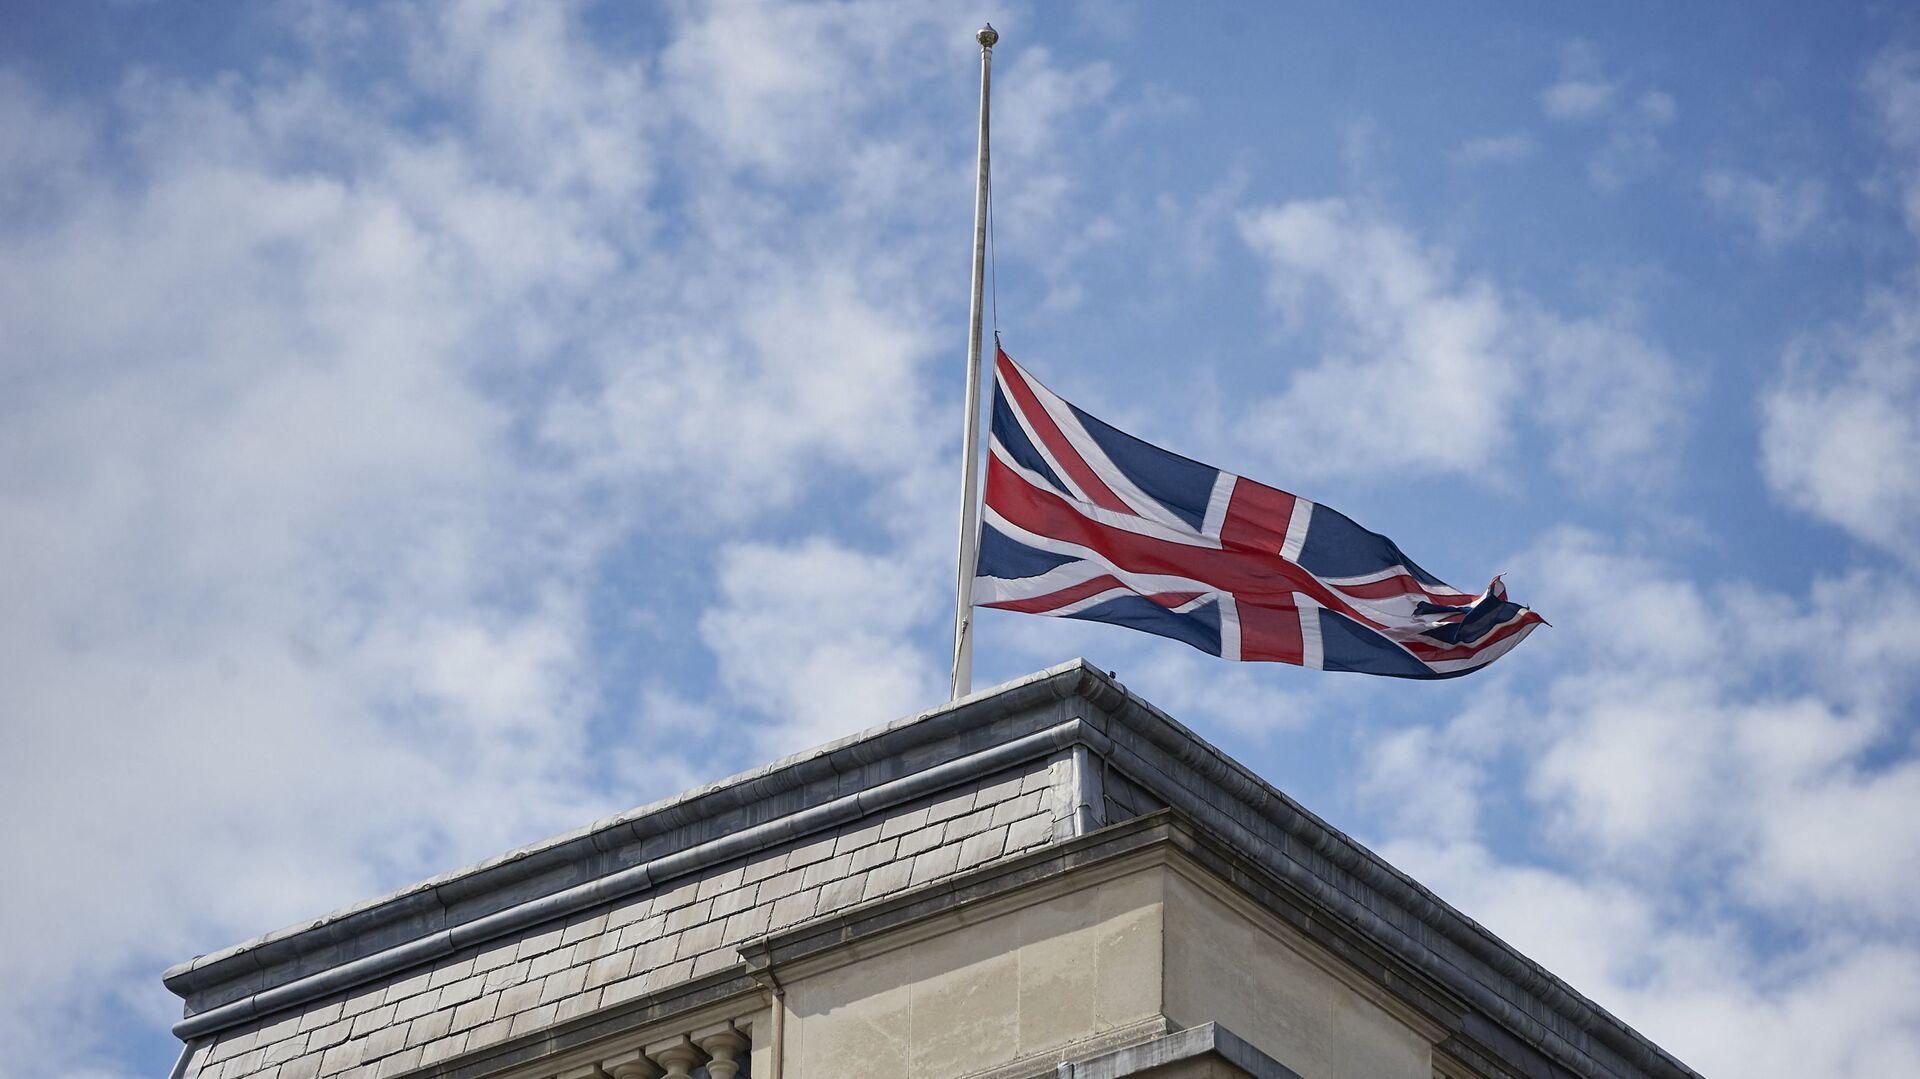 Quốc kỳ Anh trên tòa nhà Bộ Ngoại giao Anh ở London. - Sputnik Việt Nam, 1920, 07.10.2021